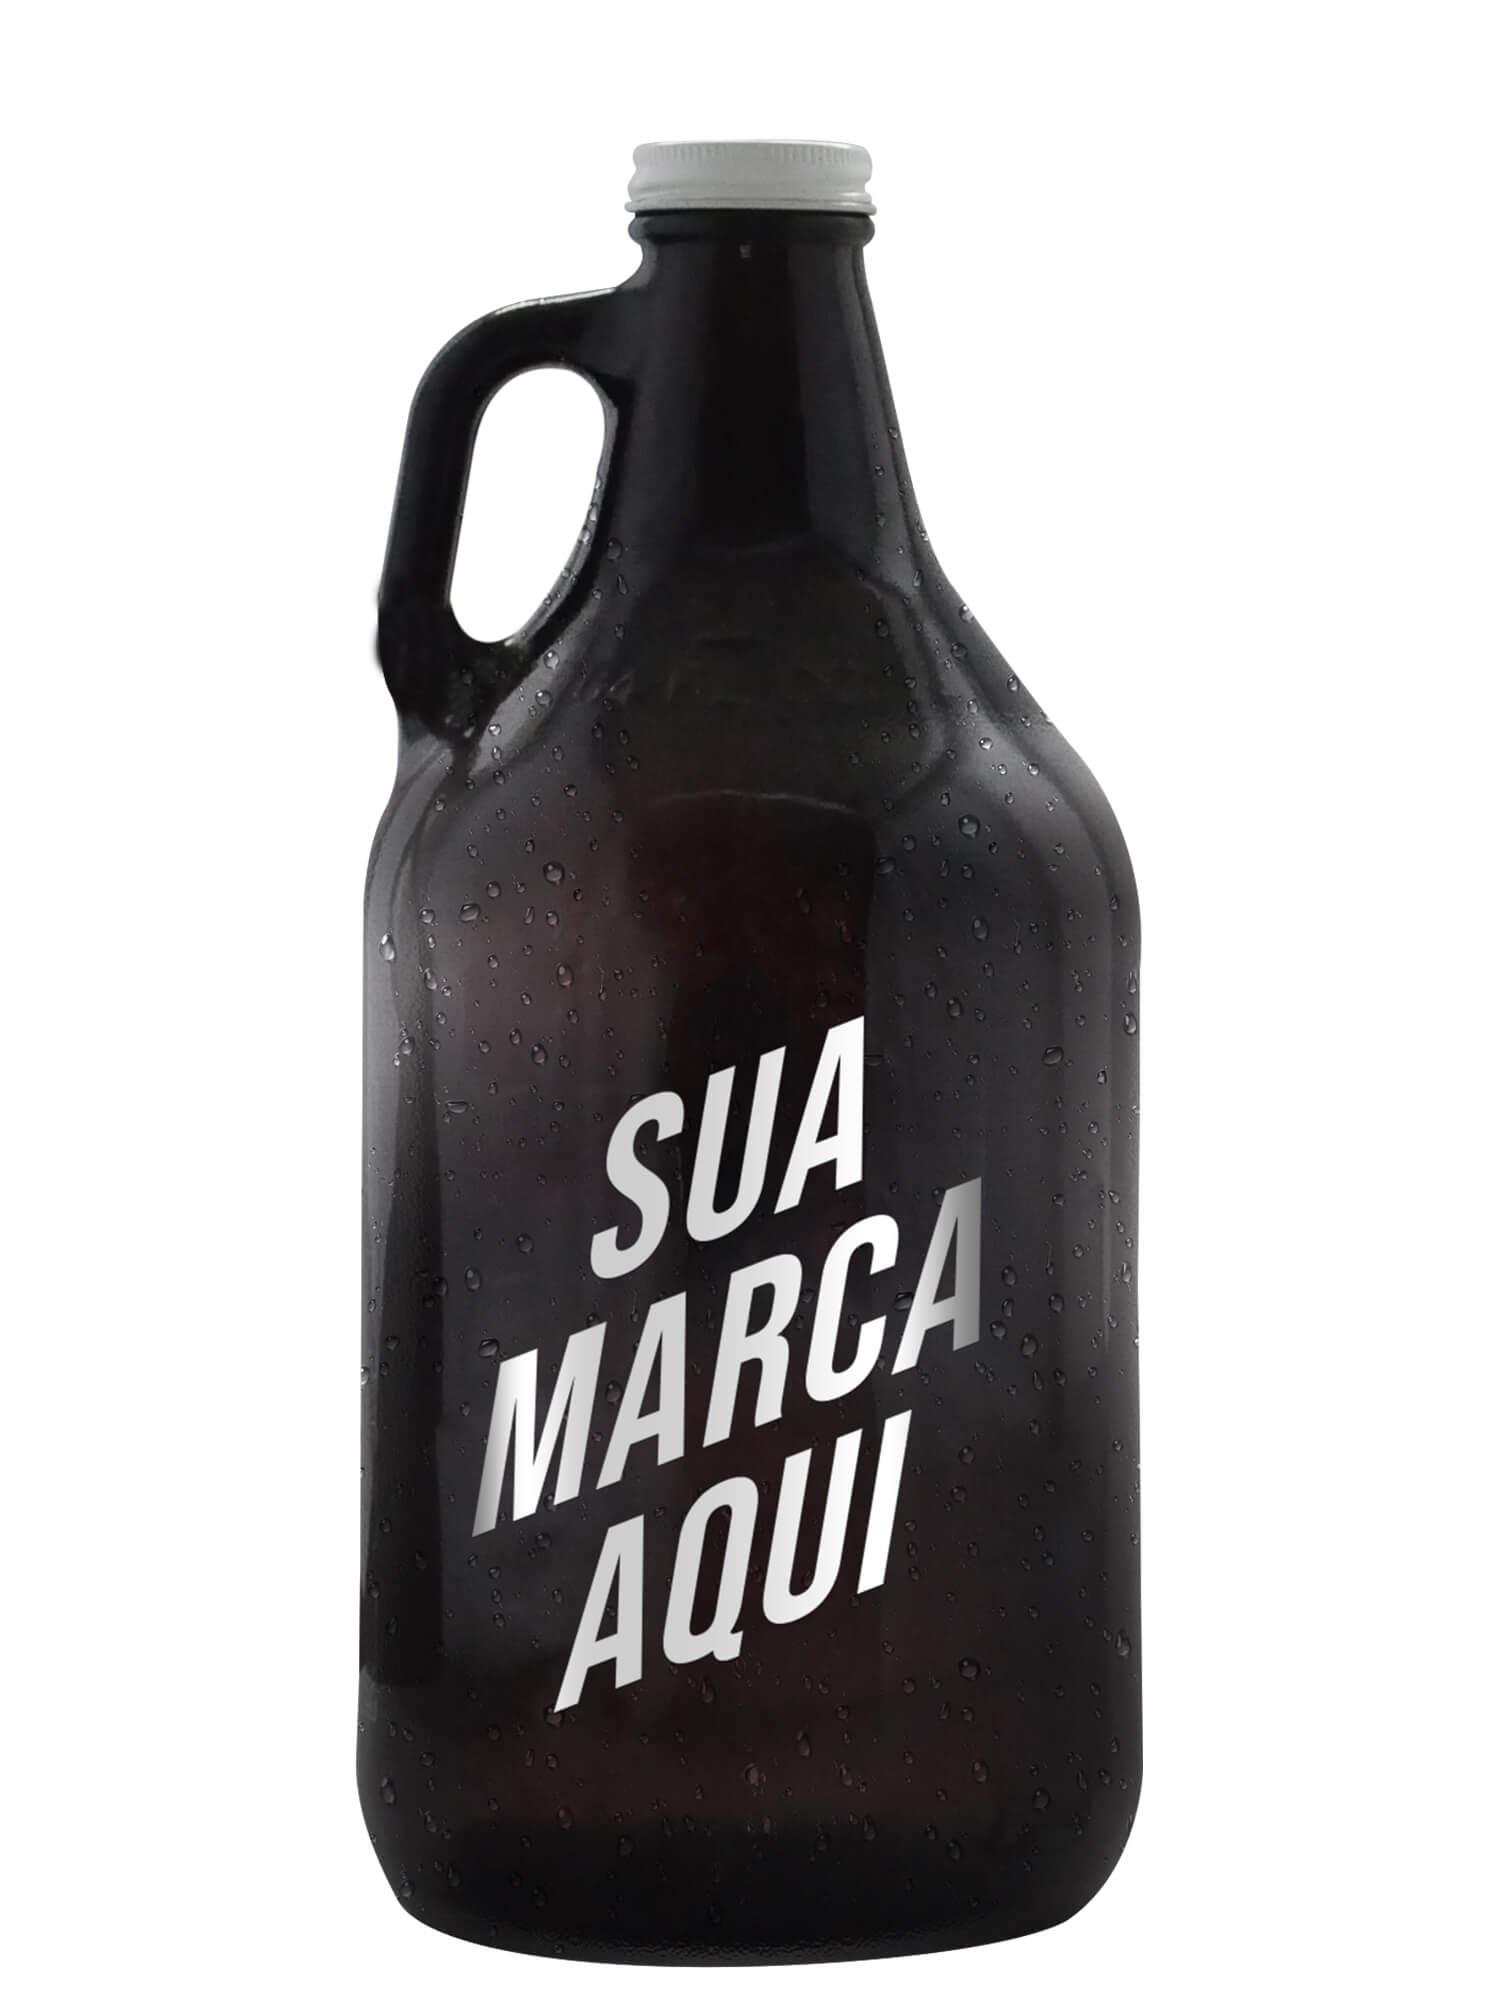 Growler americano 1,89 litro personalizado em serigrafia